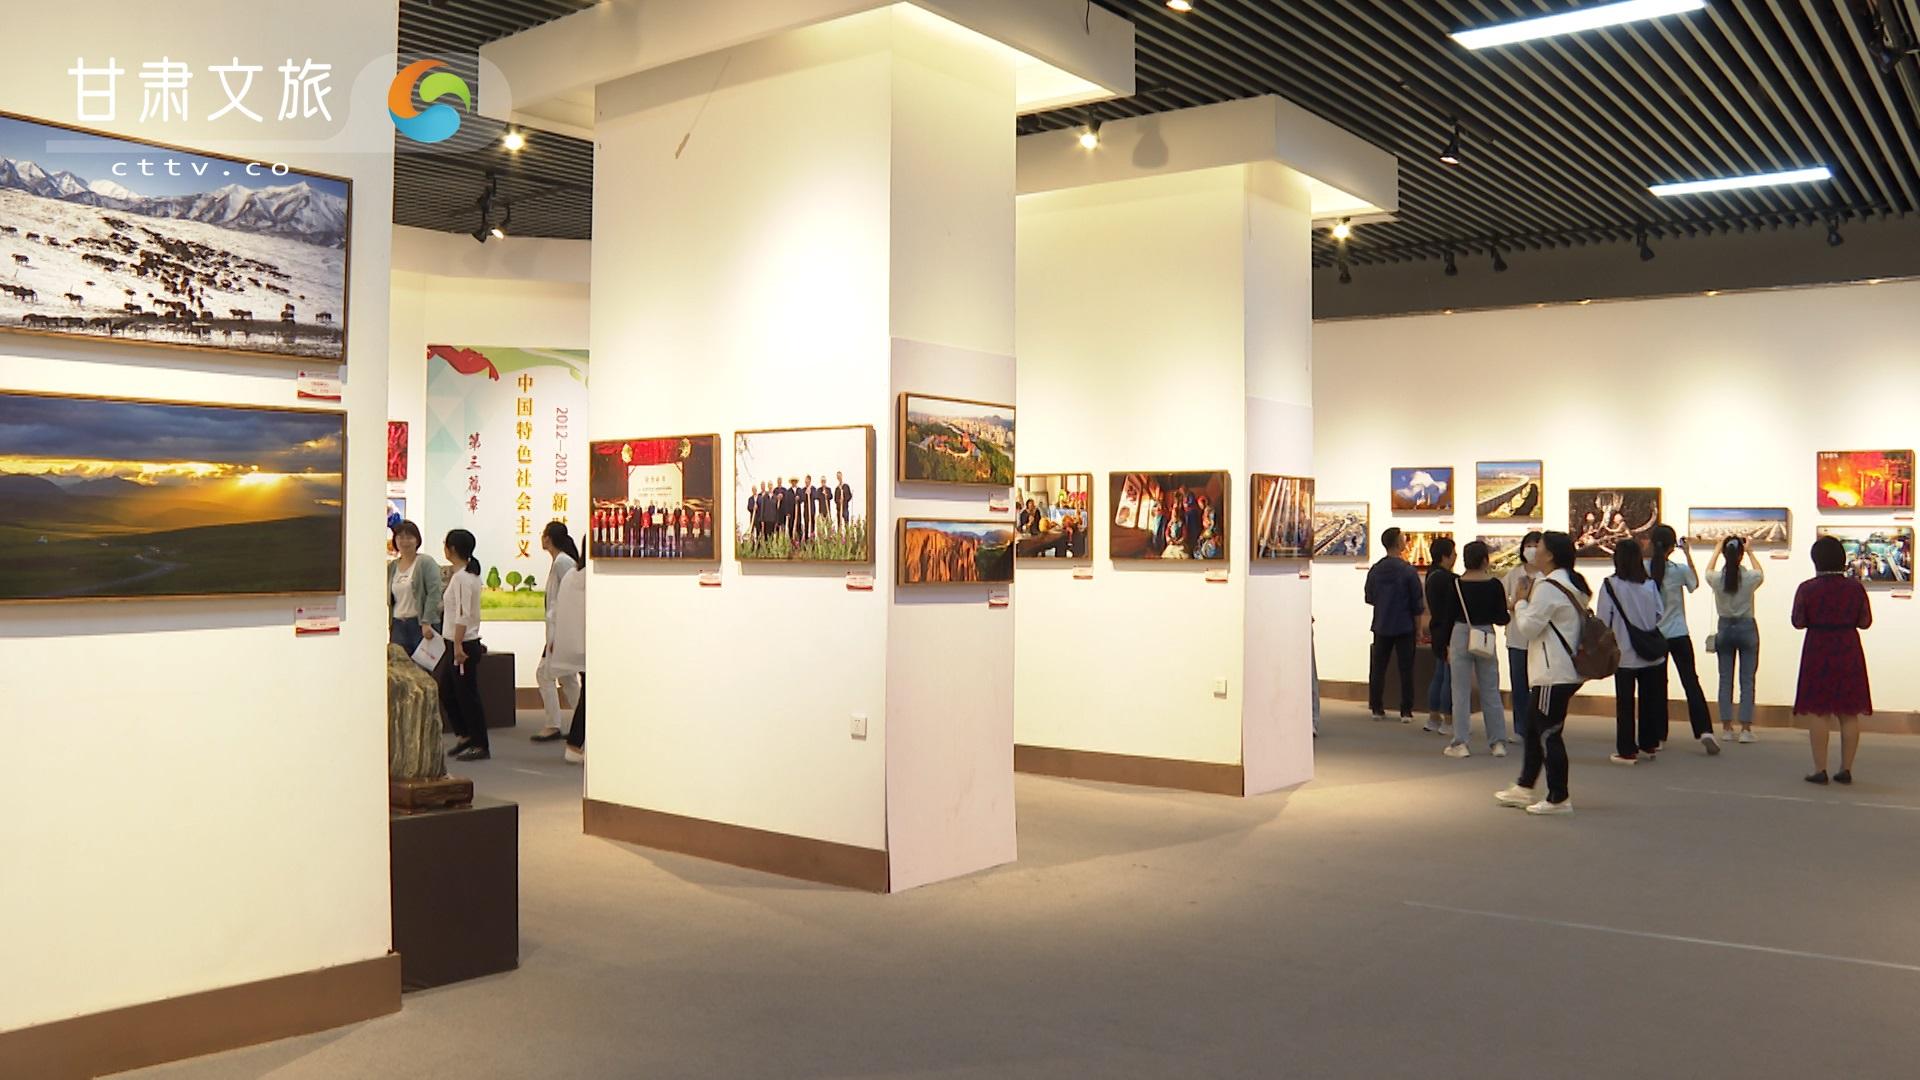 庆祝中国共产党成立100周年甘肃省摄影图片展开展